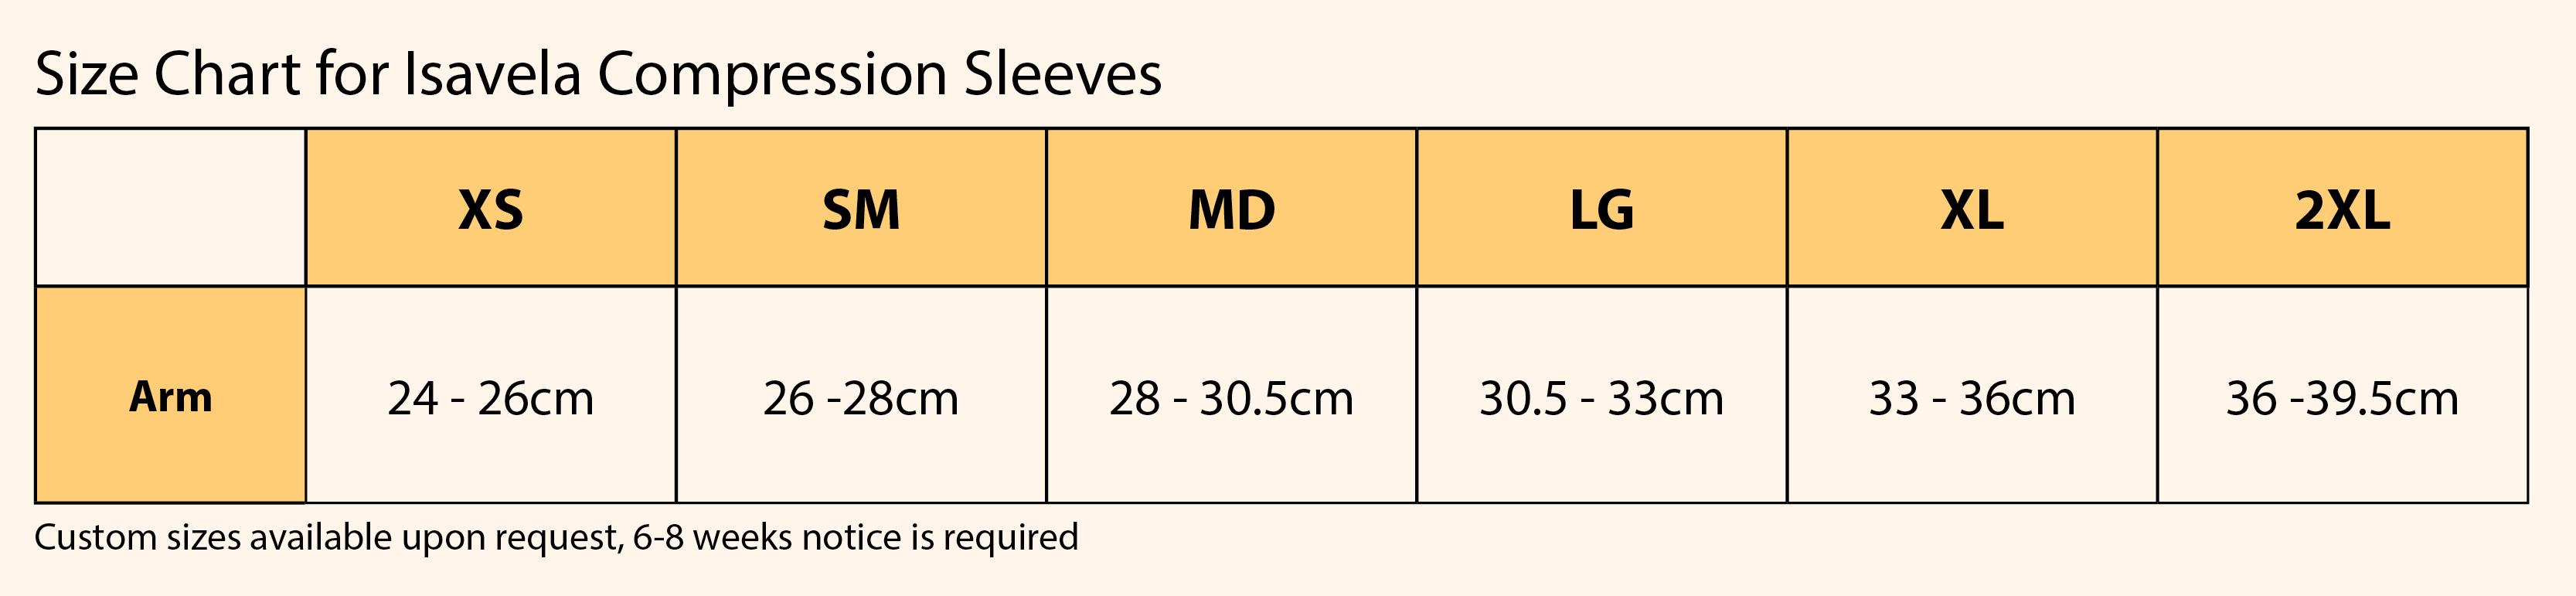 female-sleeves-chart-261115.jpg